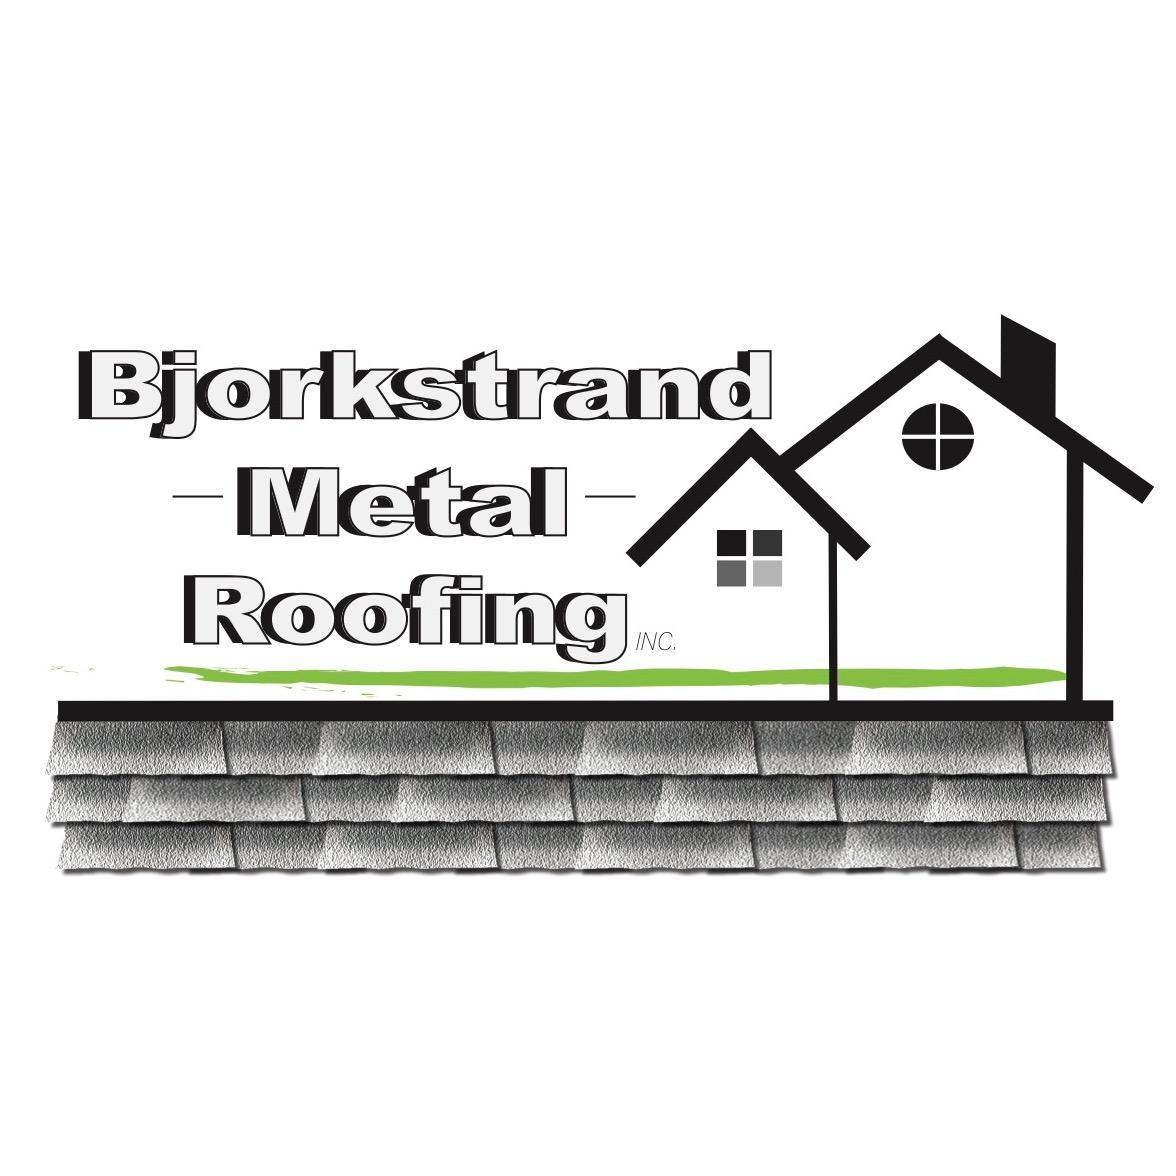 Bjorkstrand Metal Roofing Inc. - Altoona, WI 54720 - (715)379-7198 | ShowMeLocal.com